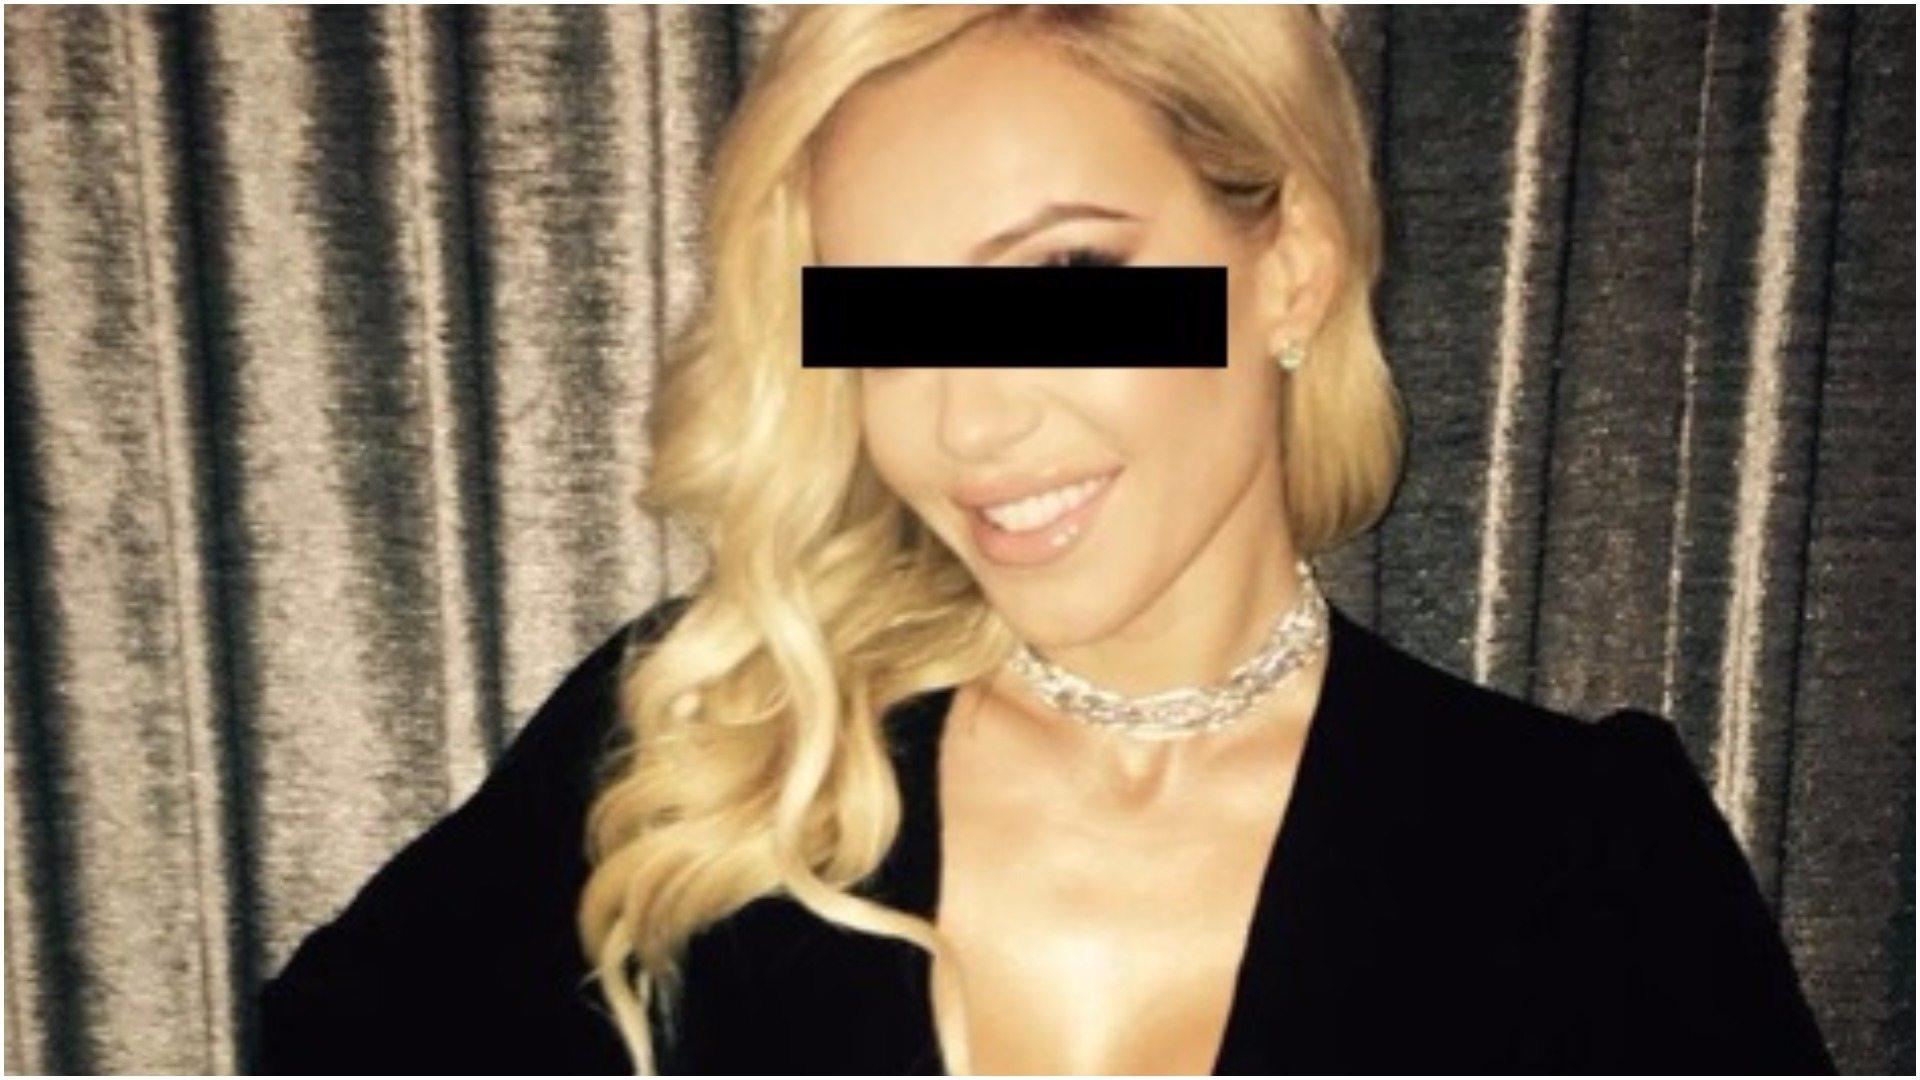 Doda przerywa milczenie! Skomentowała aresztowanie i od razu burza w sieci